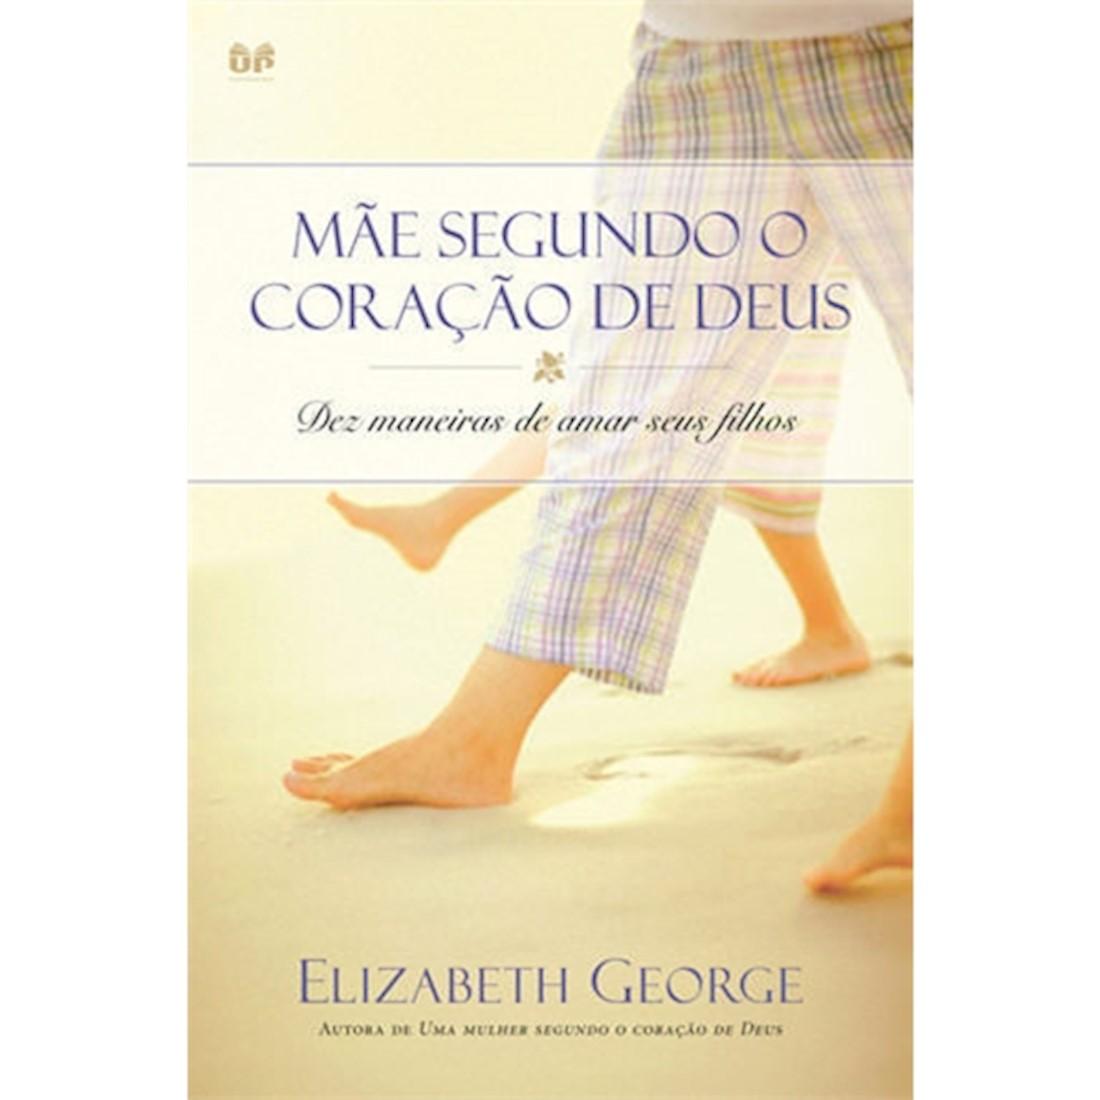 Livro Mãe Segundo o Coração de Deus